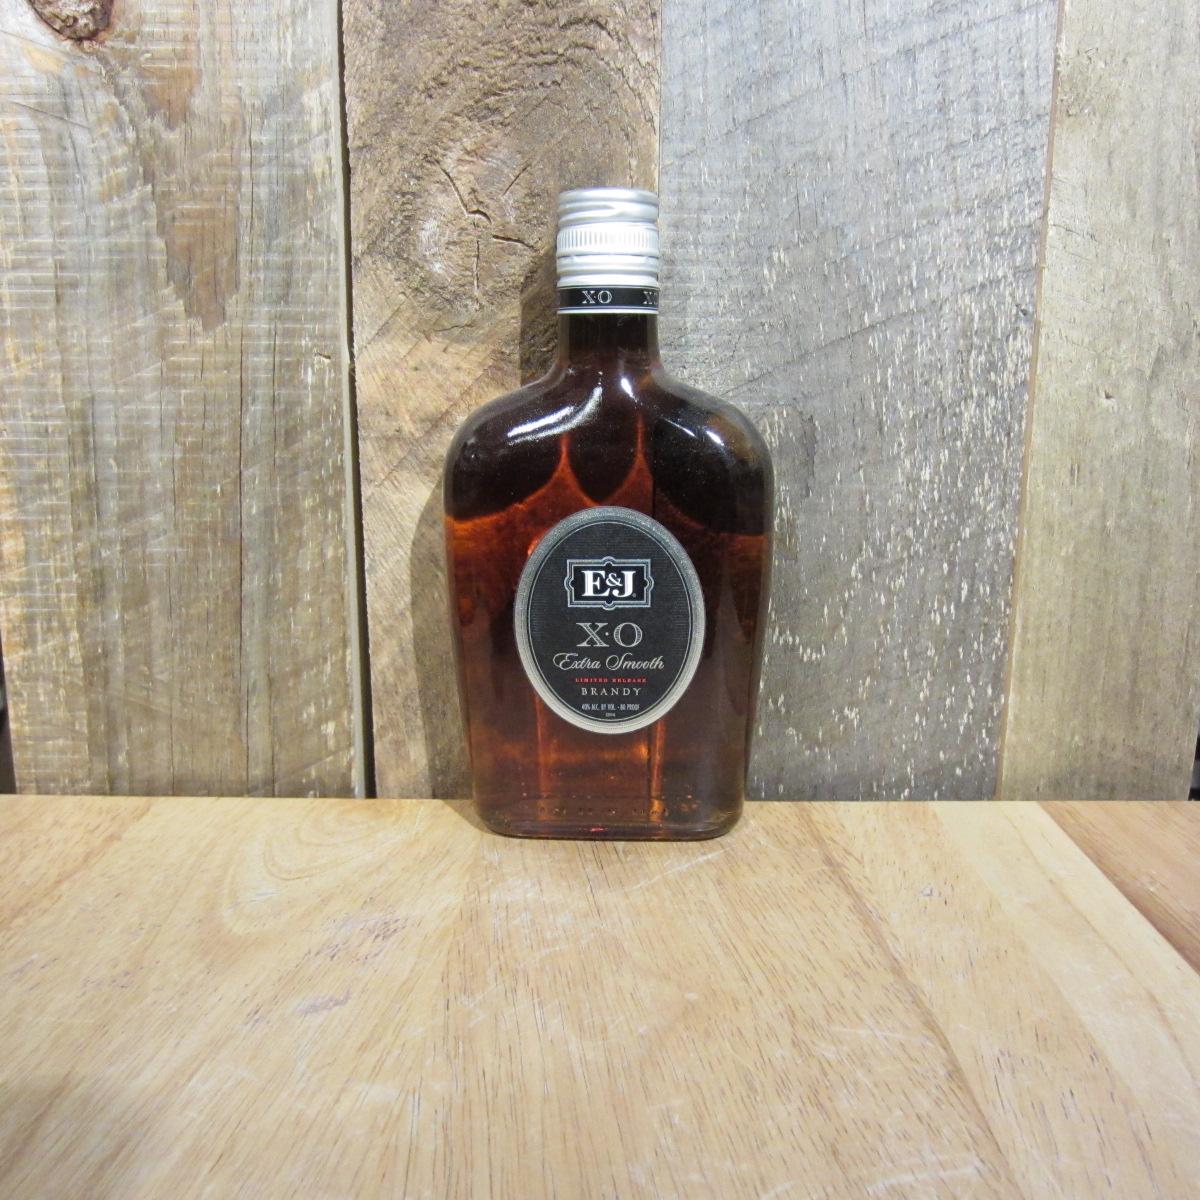 E&J XO Brandy 375ml (Half Size Btl)